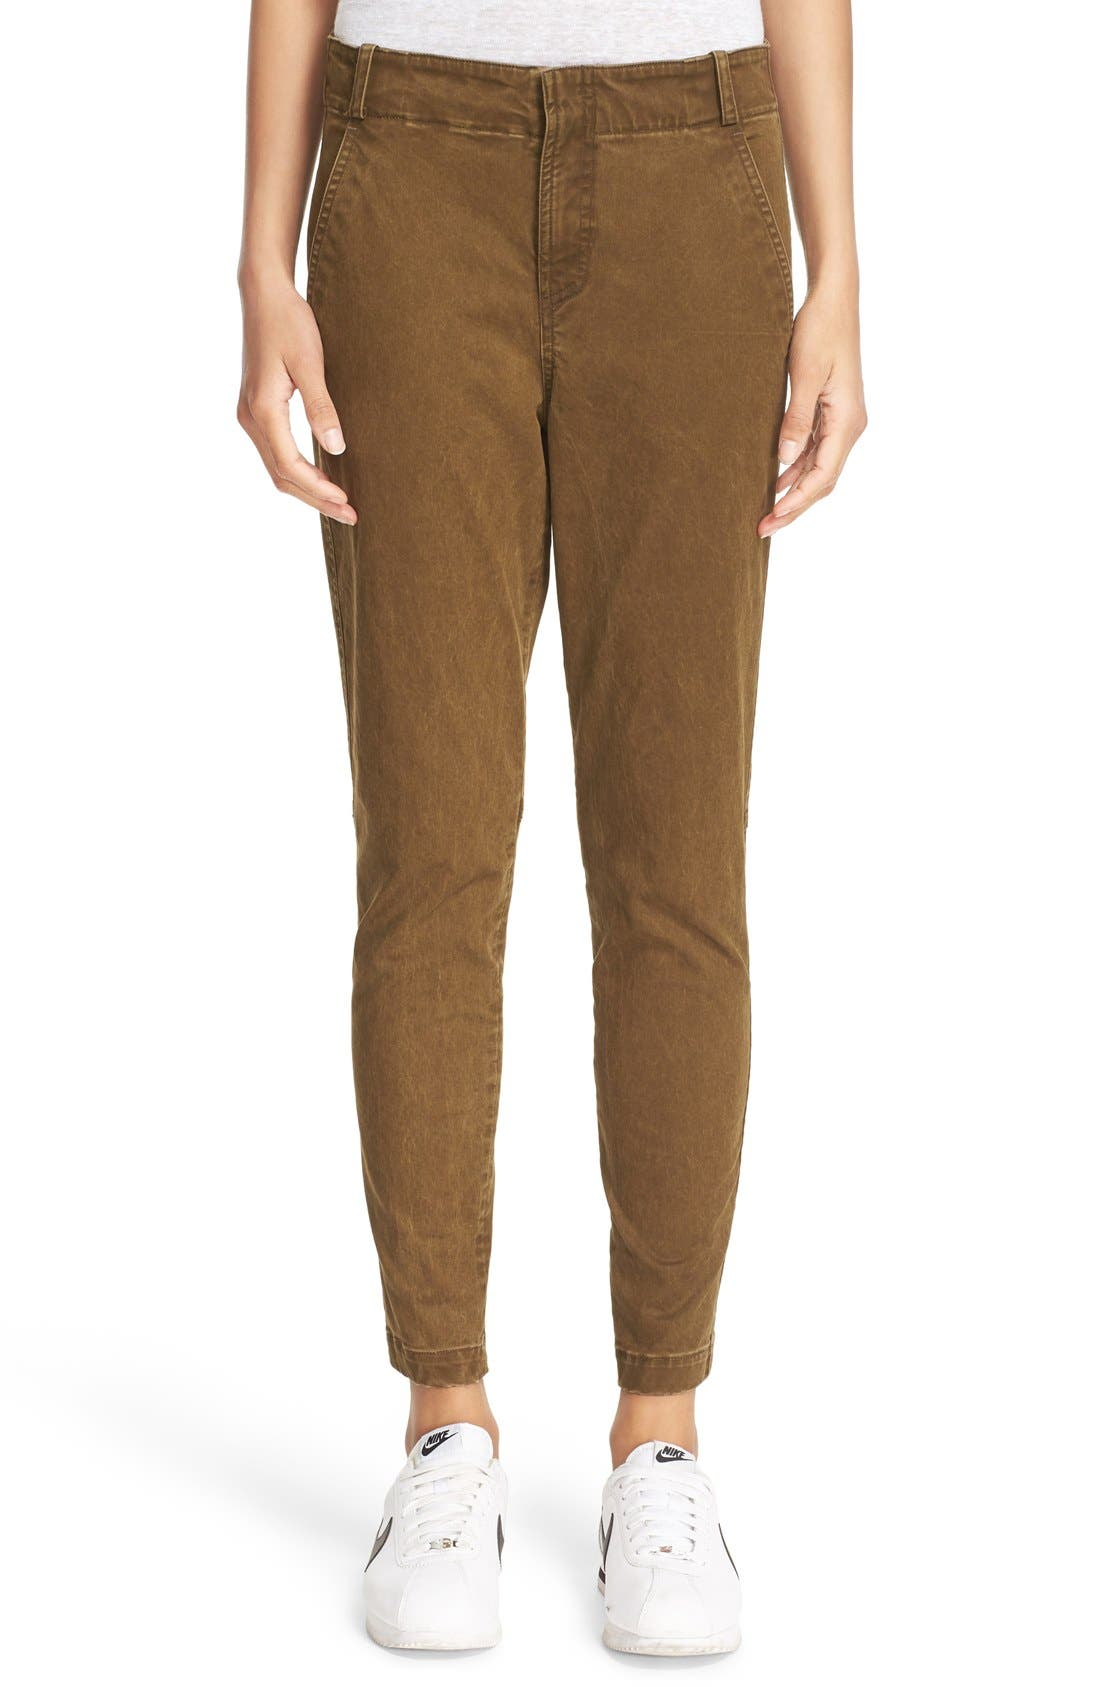 A.L.C. 'Jepsen' Crop Pants